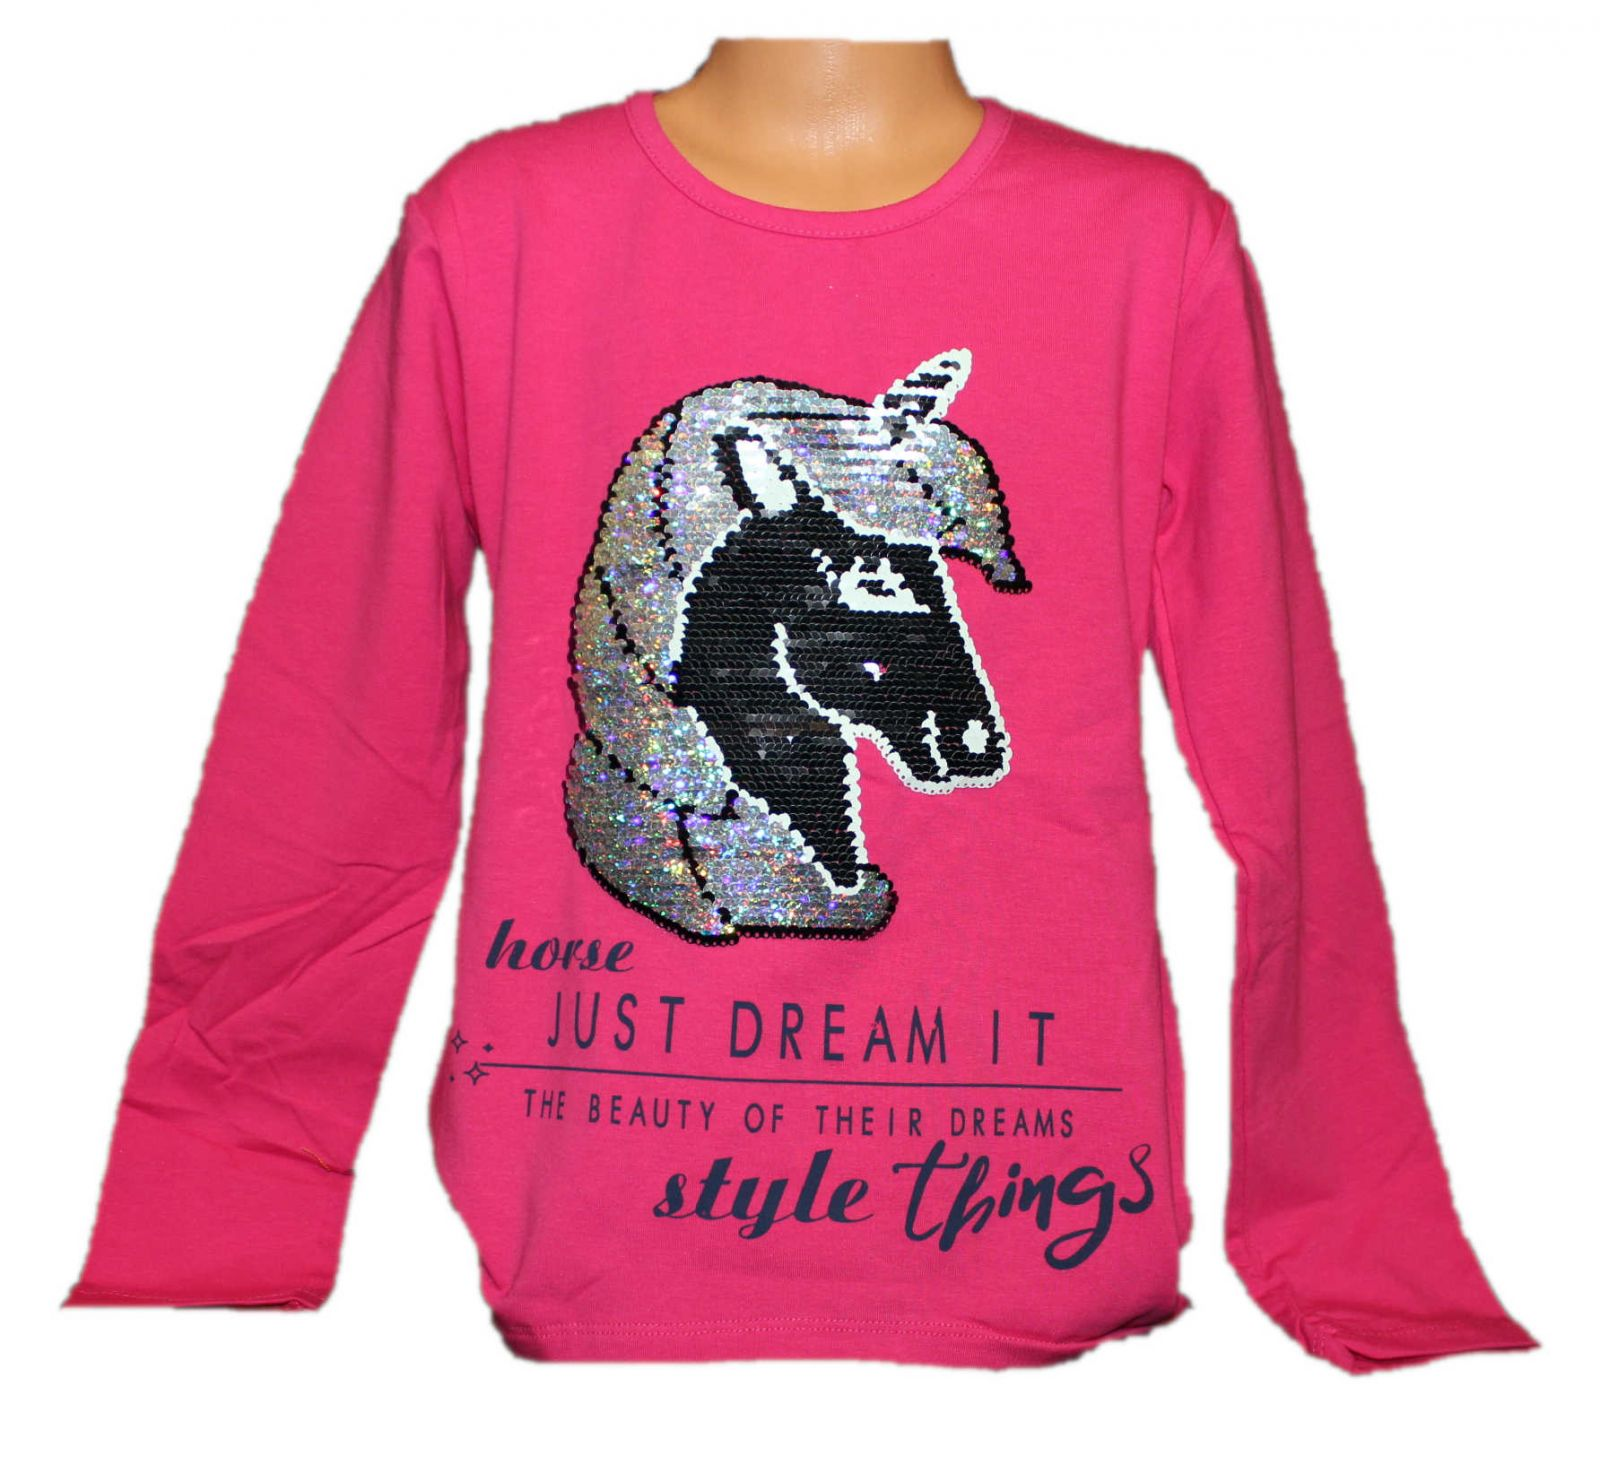 měnící tričko unicorn, měnící triko, přeměňovací tričko, měnící obrázek, tričko s flitry Tomurcuk